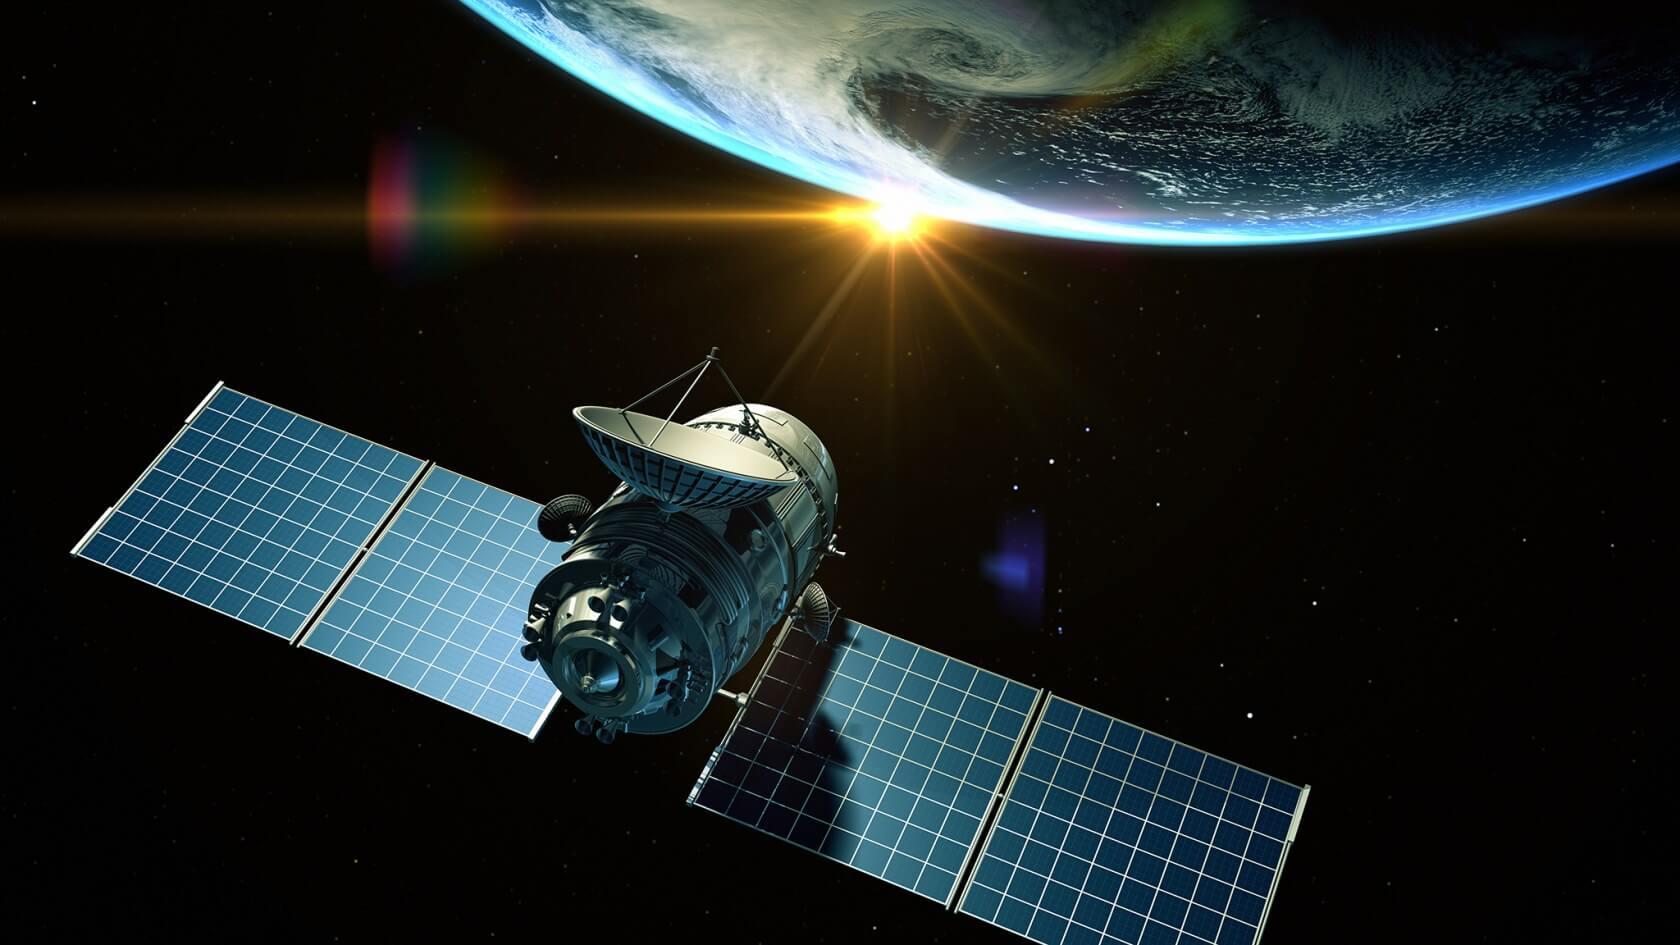 Илон Маск показал размещение спутников Starlink в обтекателе Falcon 9 - 1